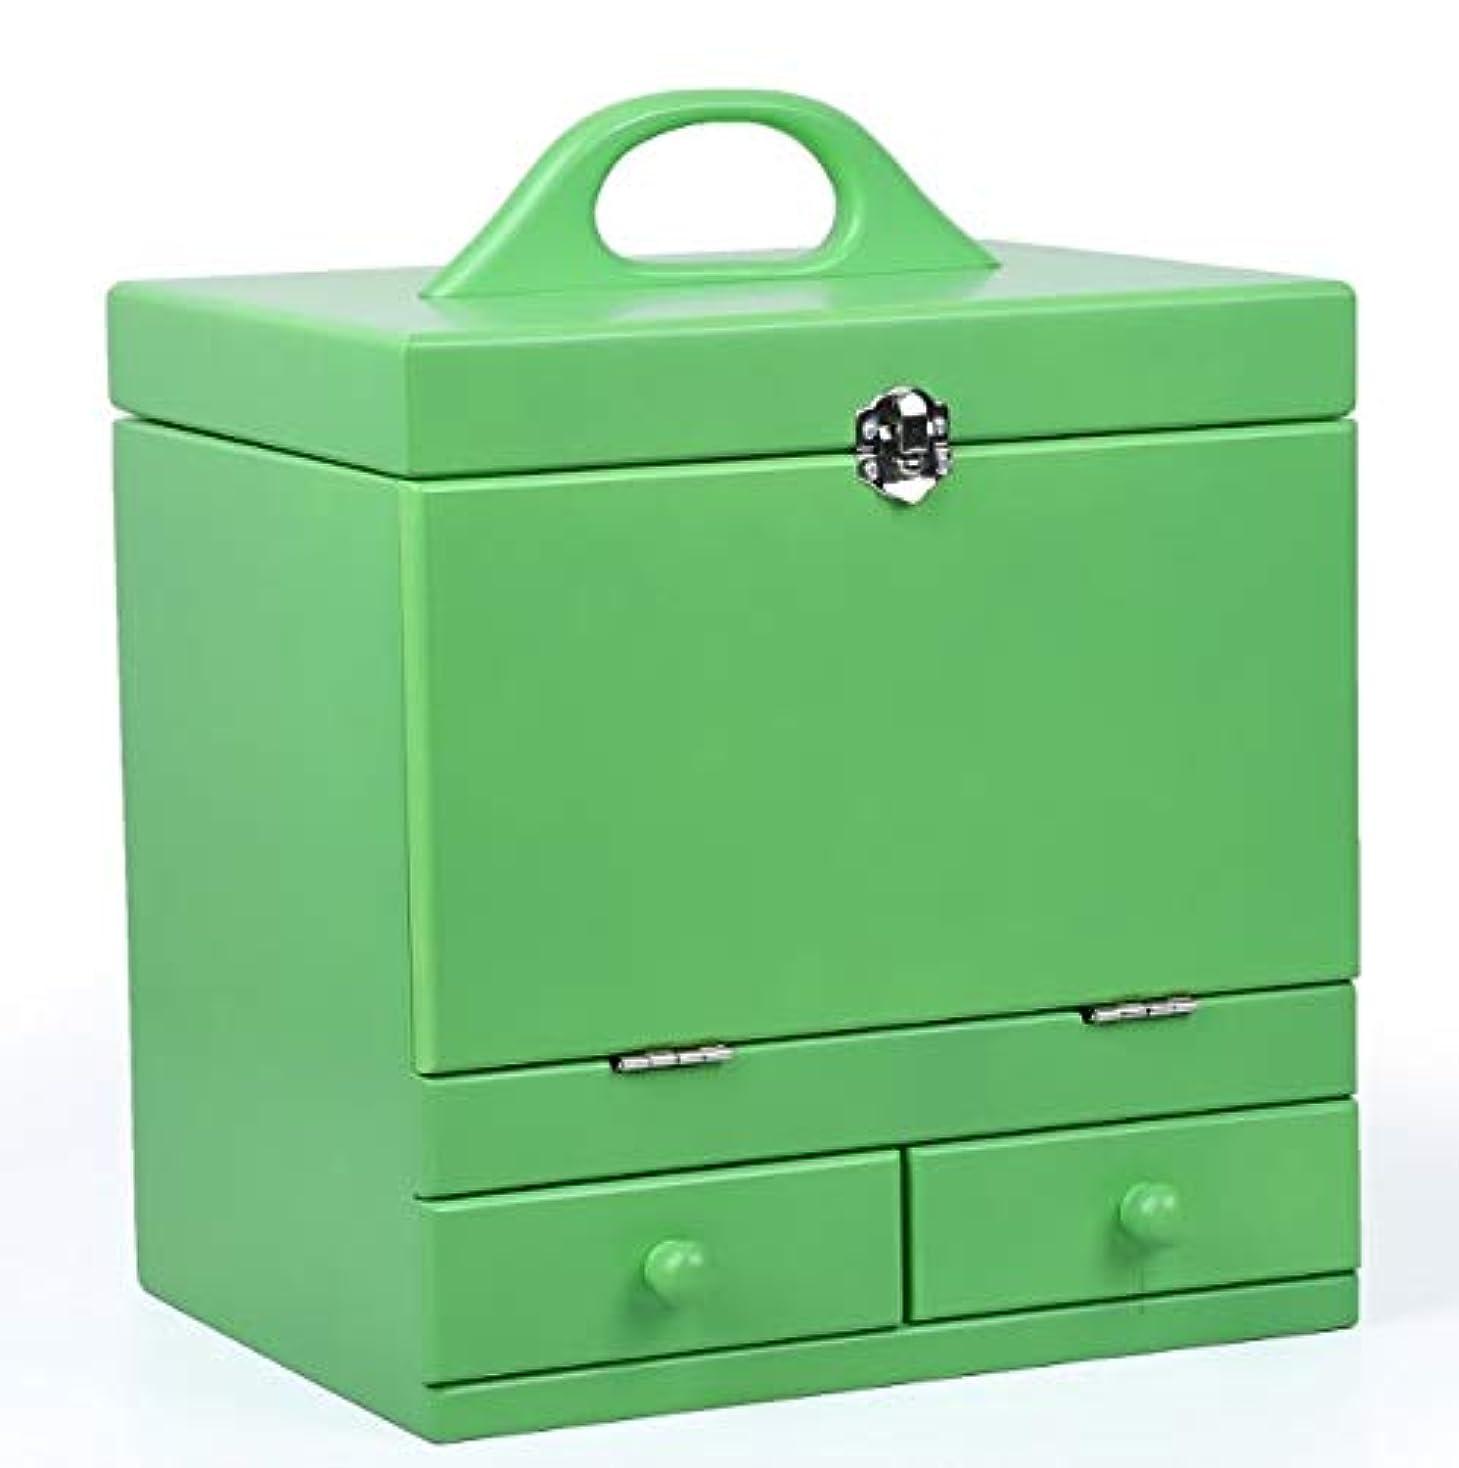 手公平シロクマ化粧箱、グリーンダブルデッカーヴィンテージ木製彫刻が施された化粧ケース、ミラー、高級ウェディングギフト、新築祝いギフト、美容ネイルジュエリー収納ボックス